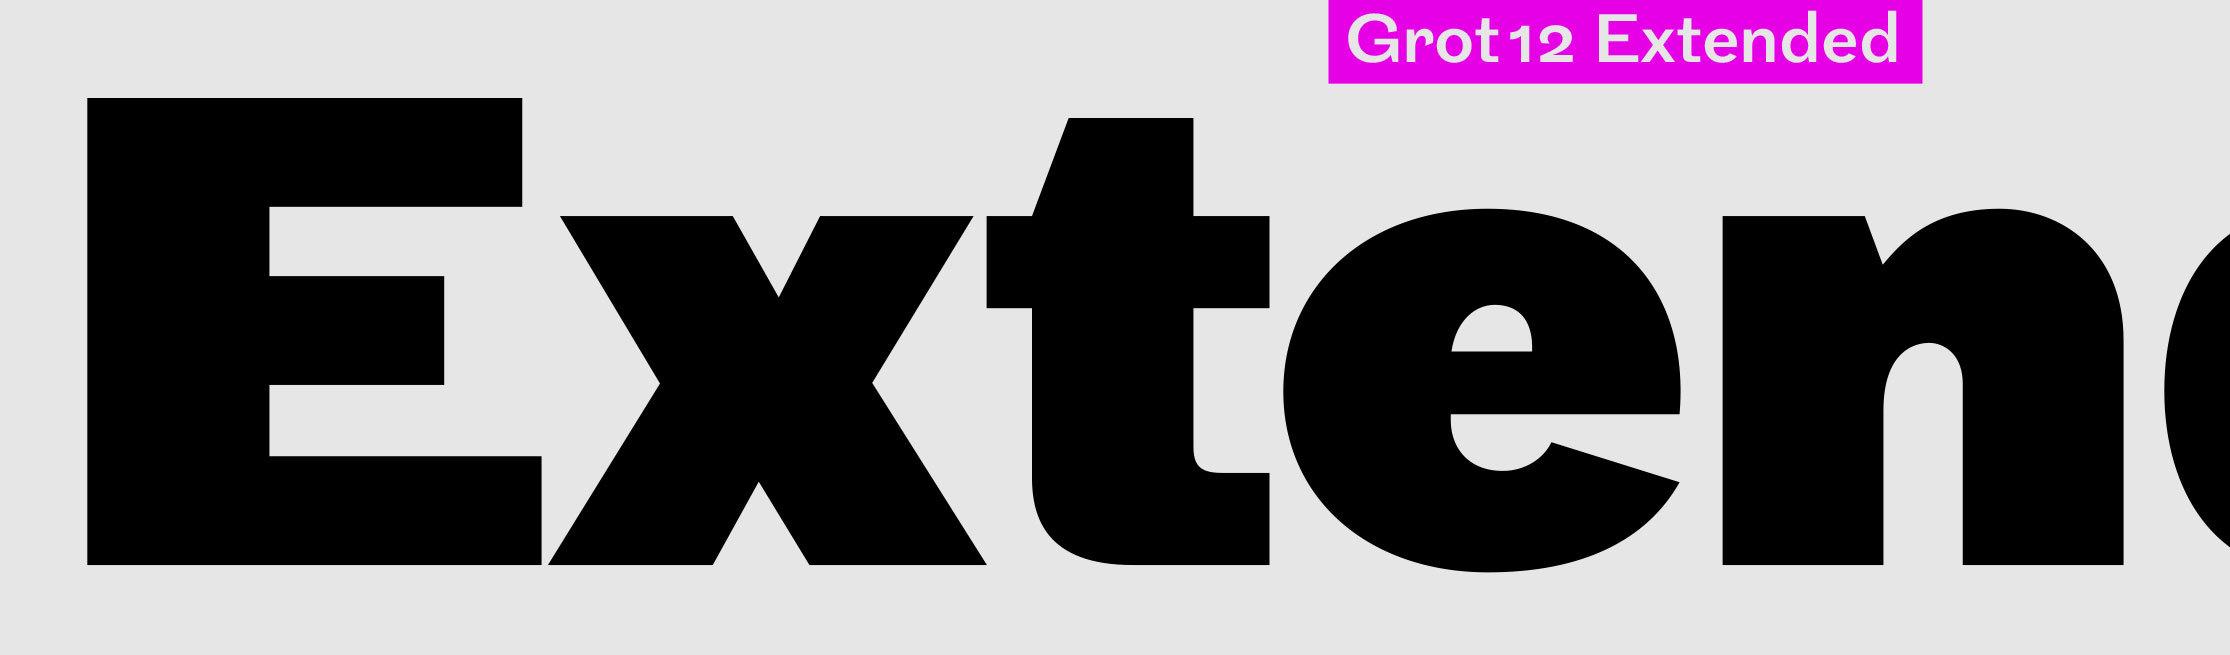 Grot12 Extended sample